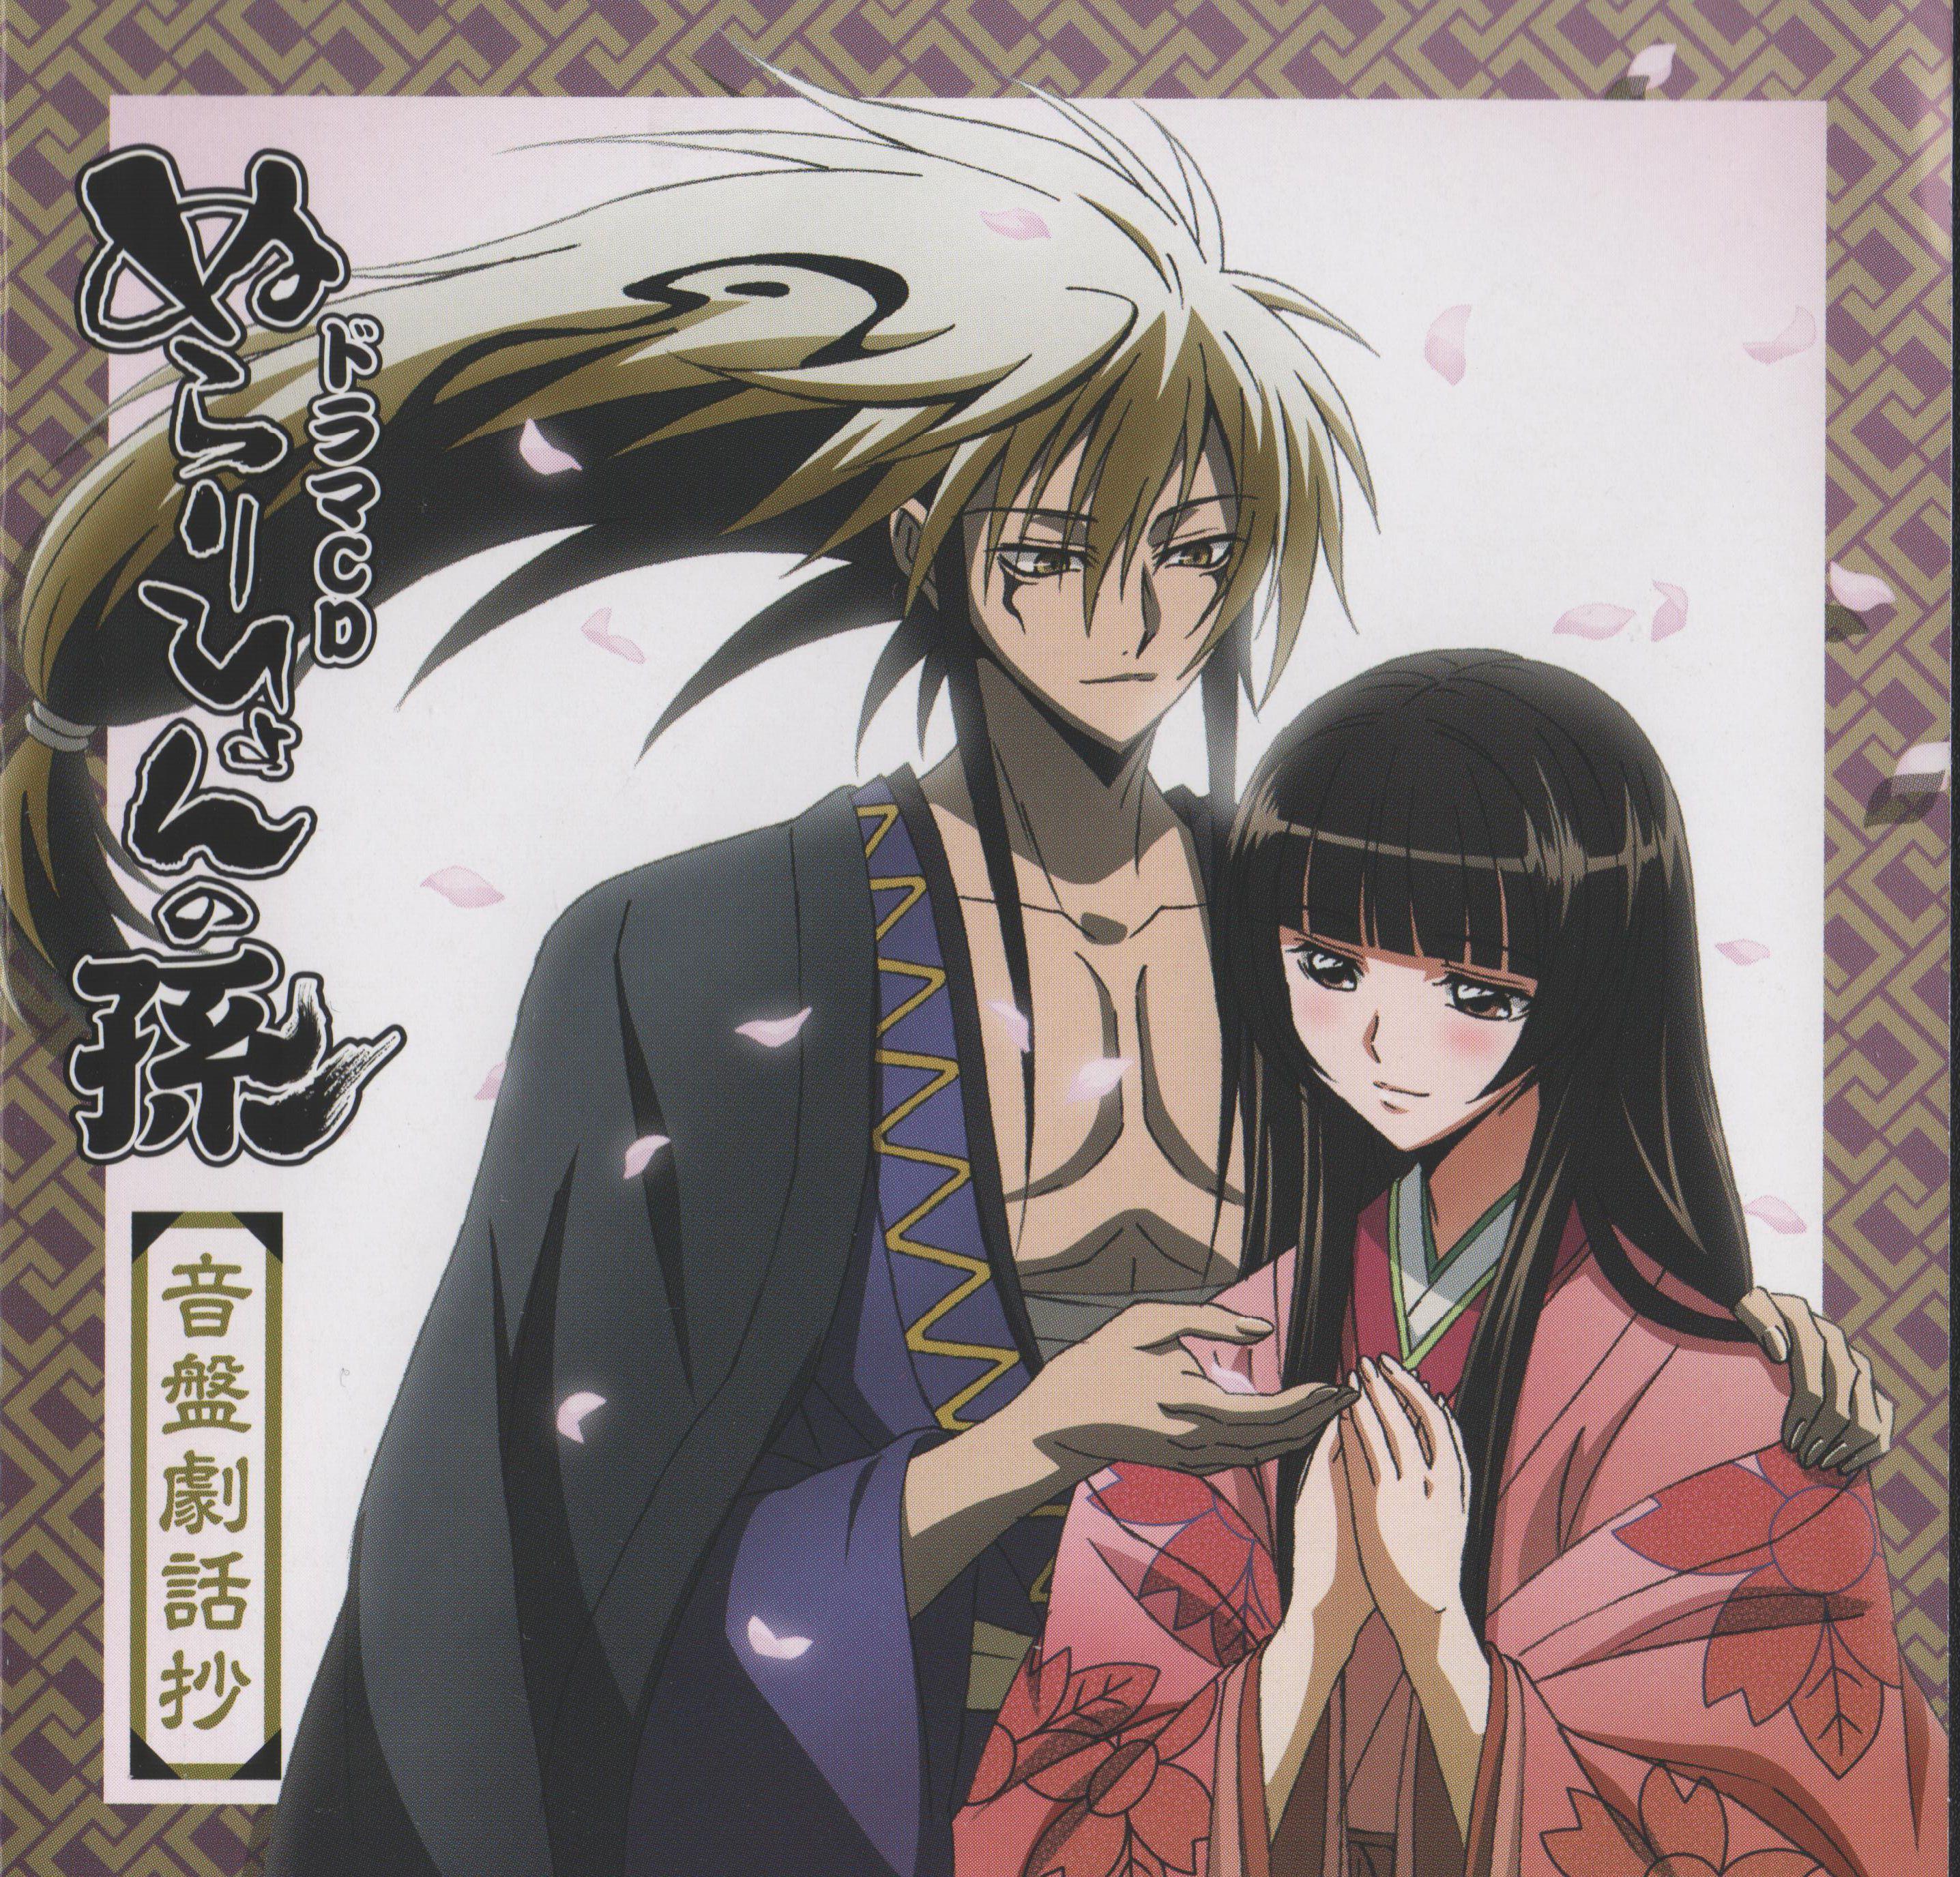 Nurarihyon No Mago 871905 Zerochan With Images Anime Anime